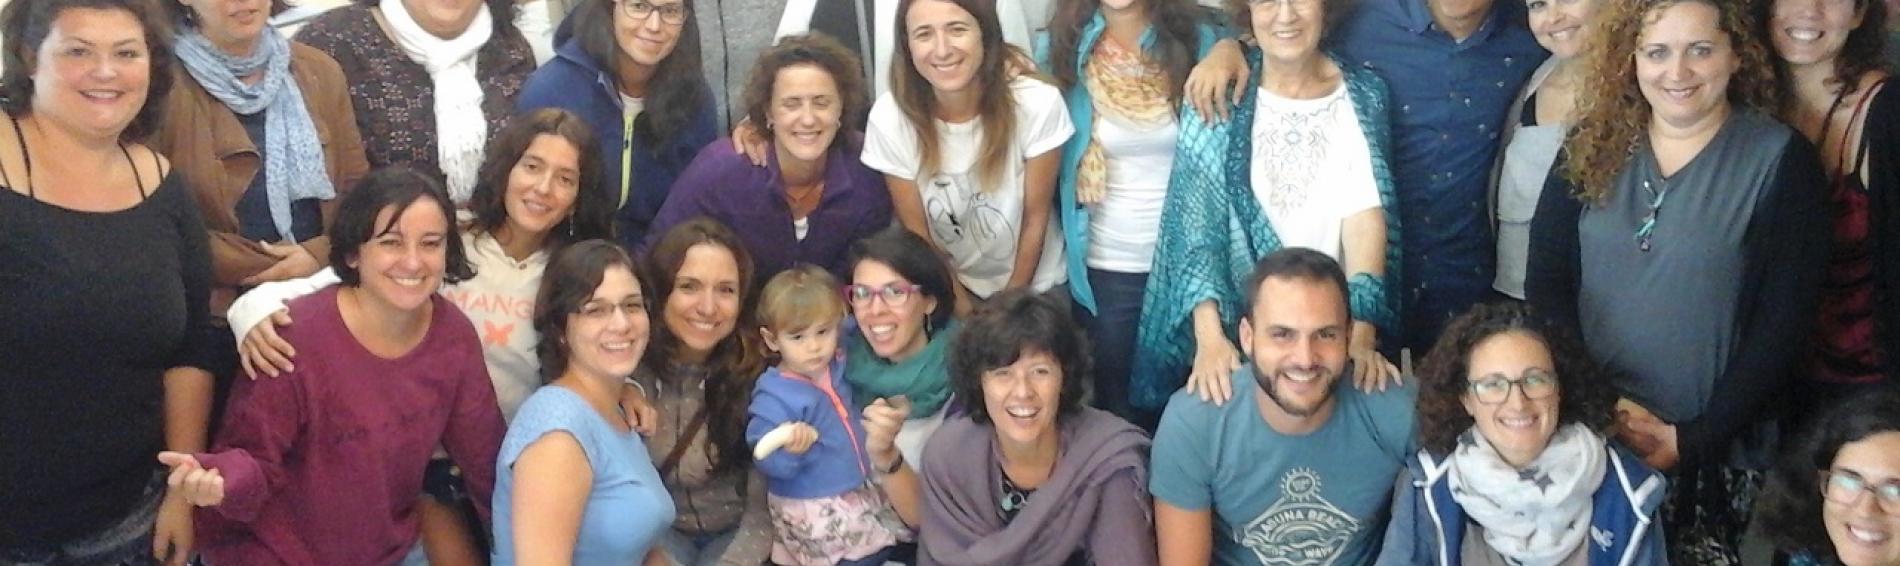 equipo de voluntariado de Mëdicos del Mundo Canarias